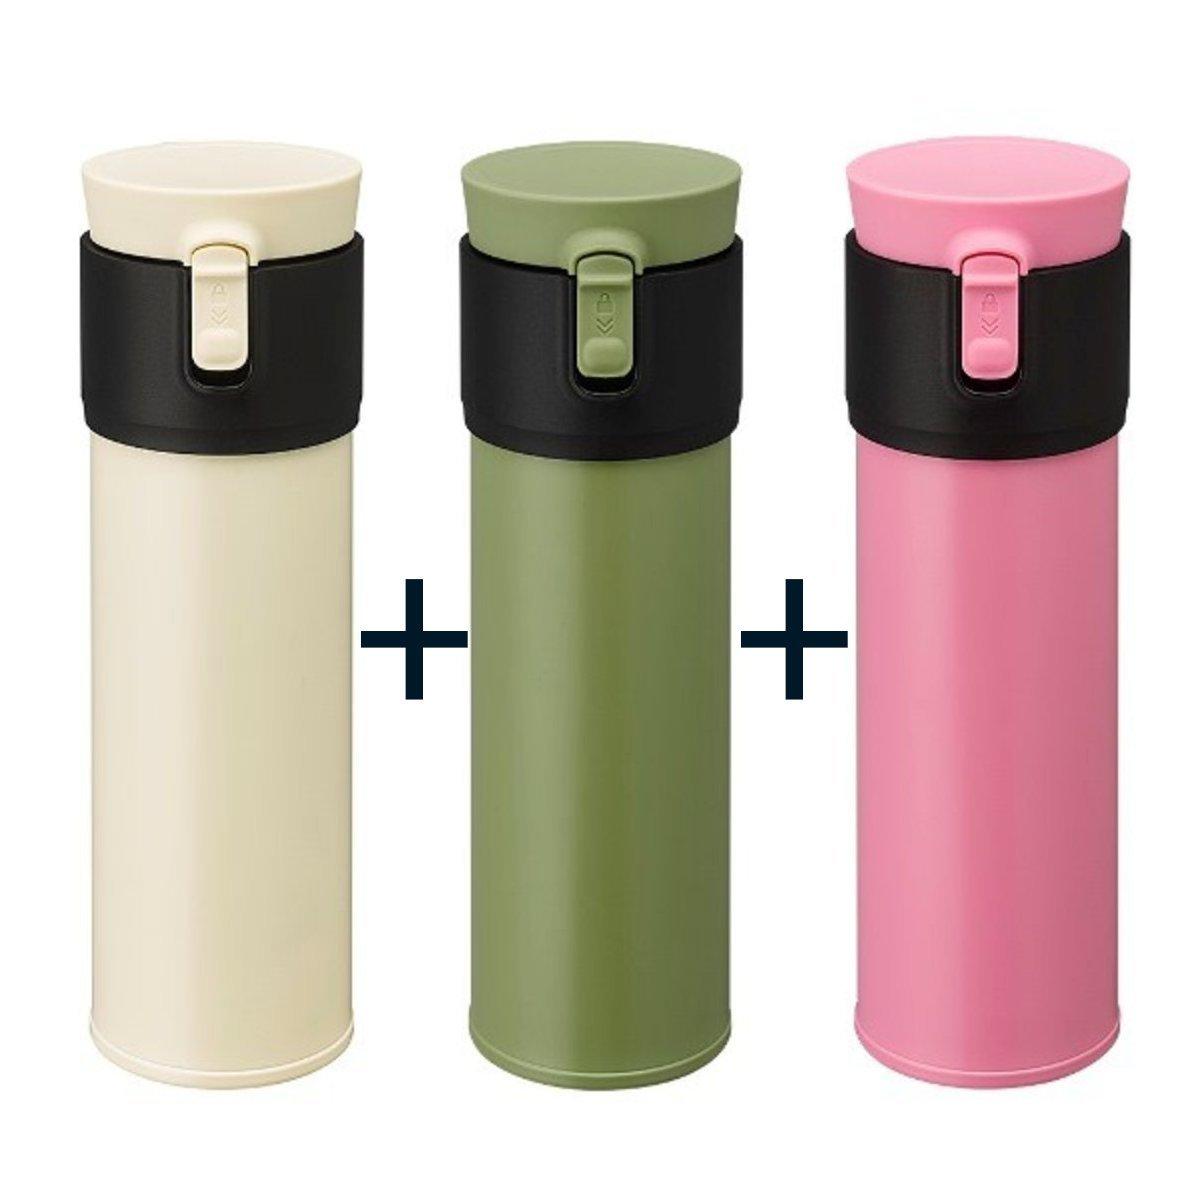 泡溫杯 U500(三個裝) - 象牙色+啞綠色+粉紅色